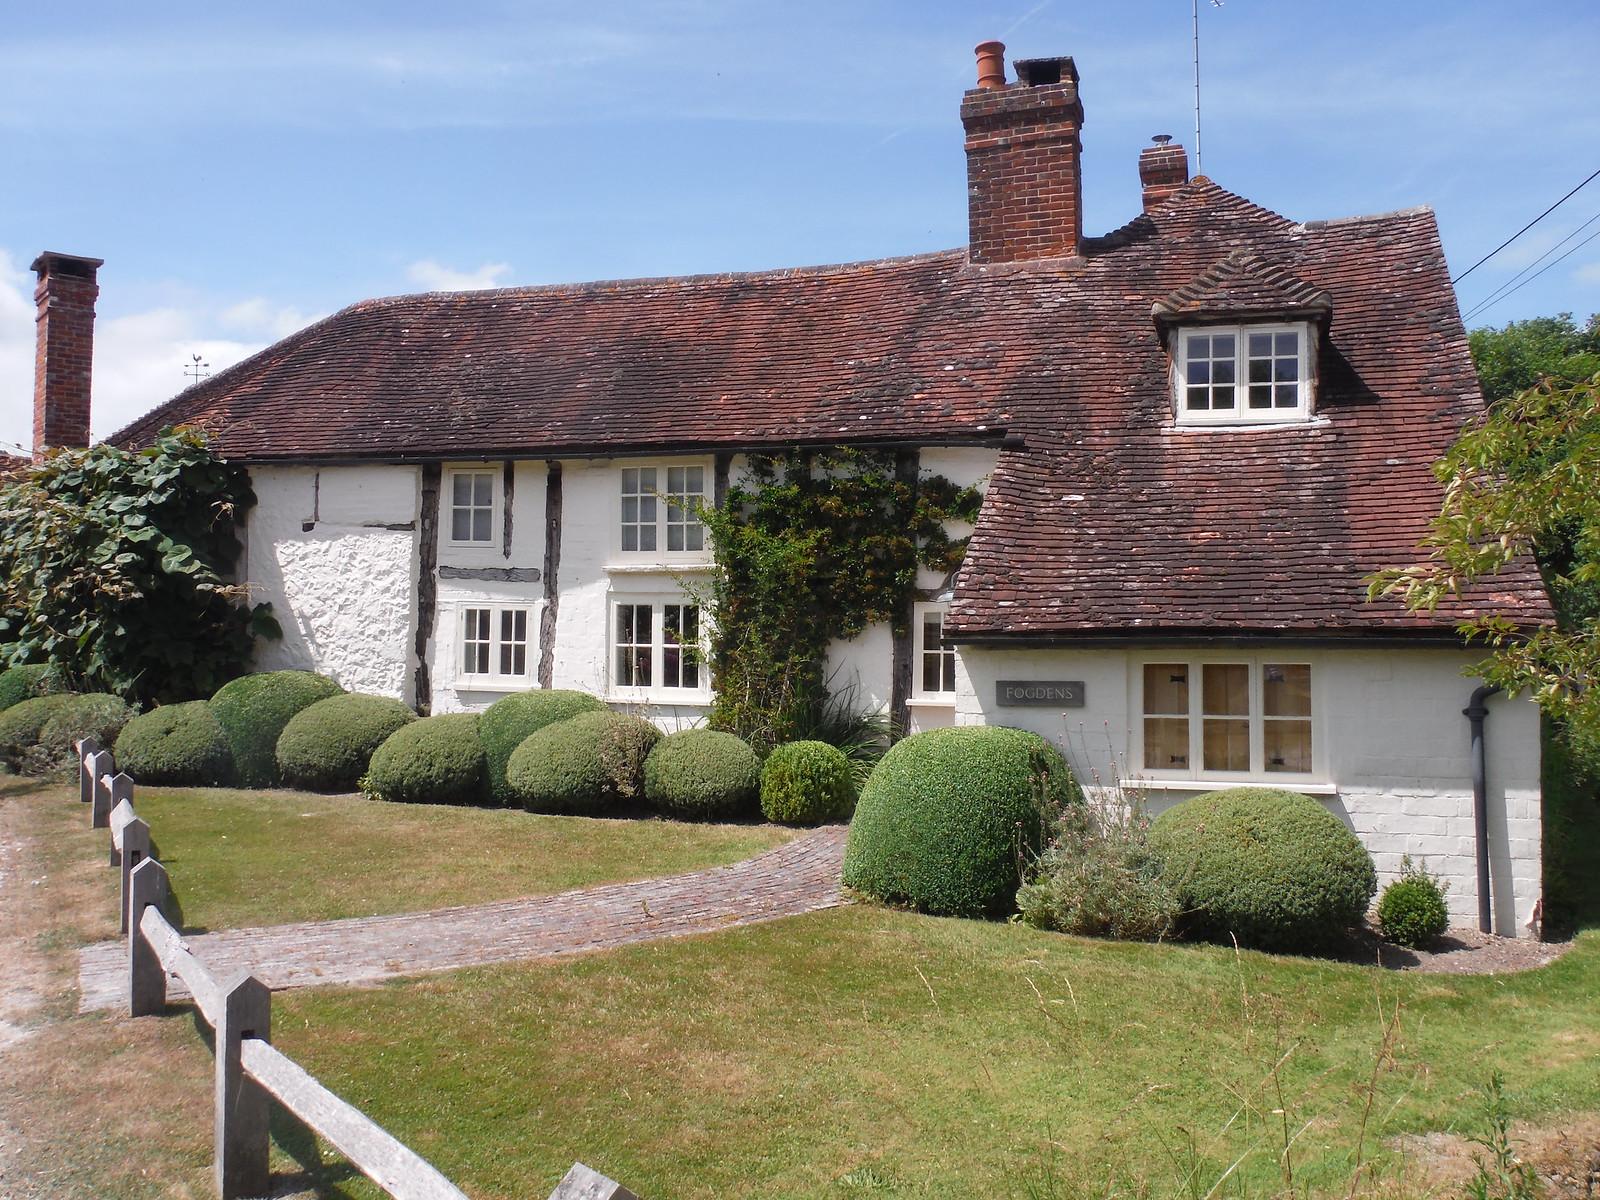 House in West Burton SWC Walk 217 Midhurst Way: Arundel to Midhurst